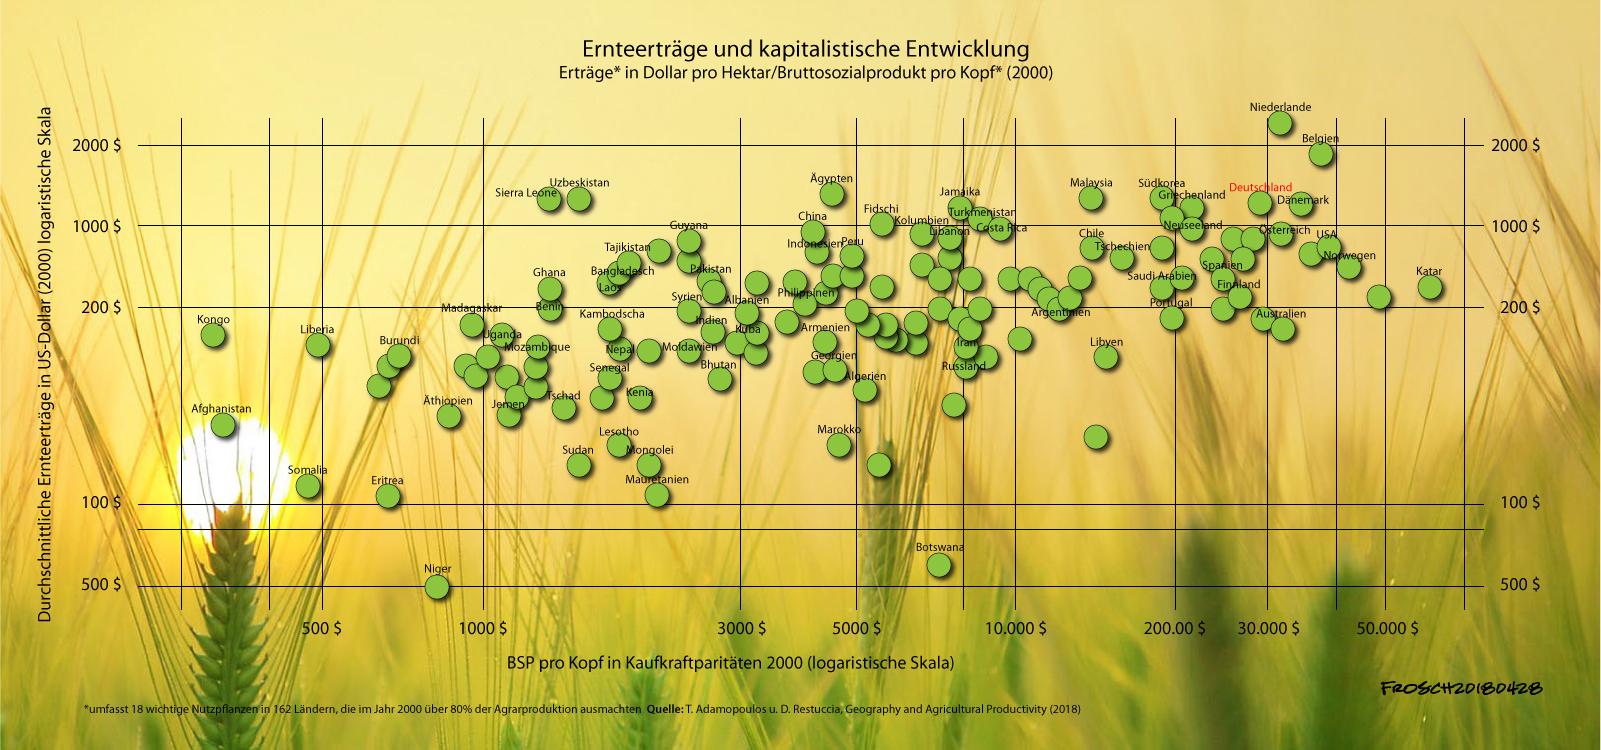 Ernteerträge im internationalen Vergleich